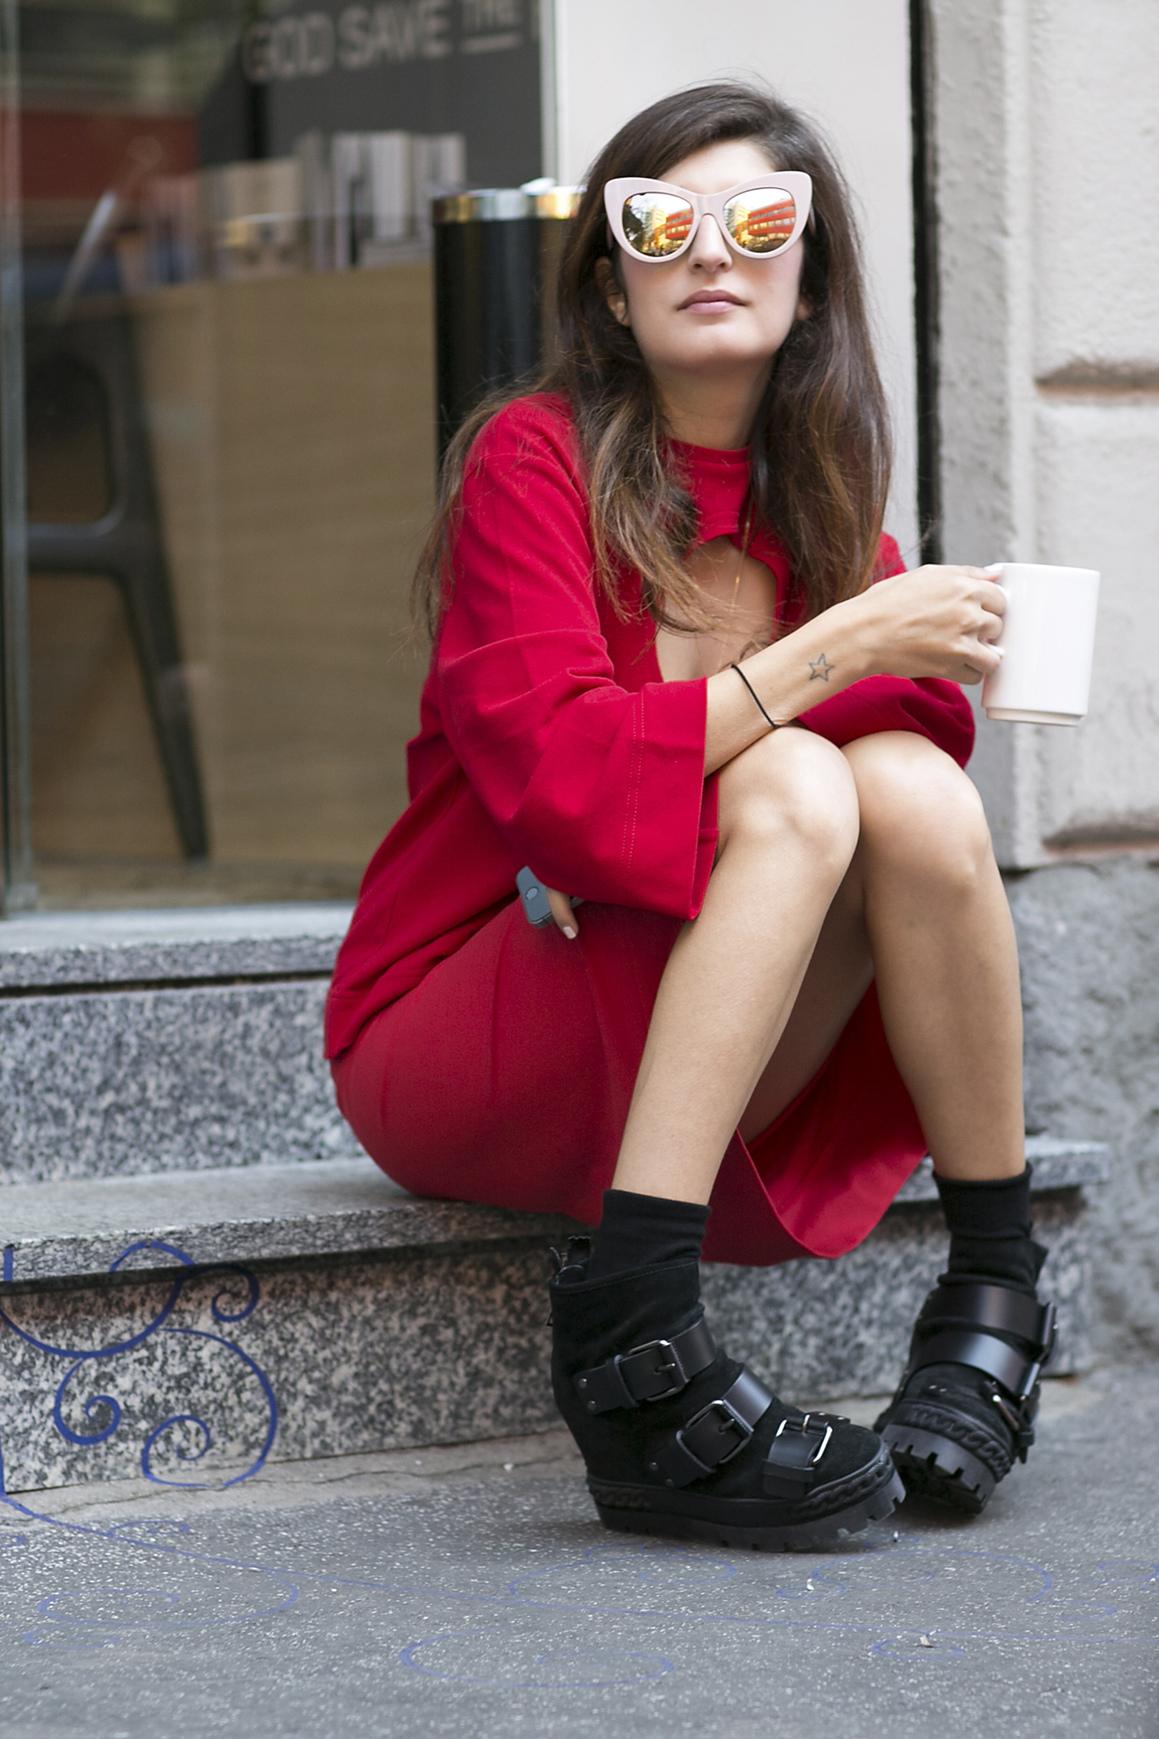 Comment porter des lunettes de soleil papillon street style 12 fa ons styl es de porter - Comment porter le keffieh ...